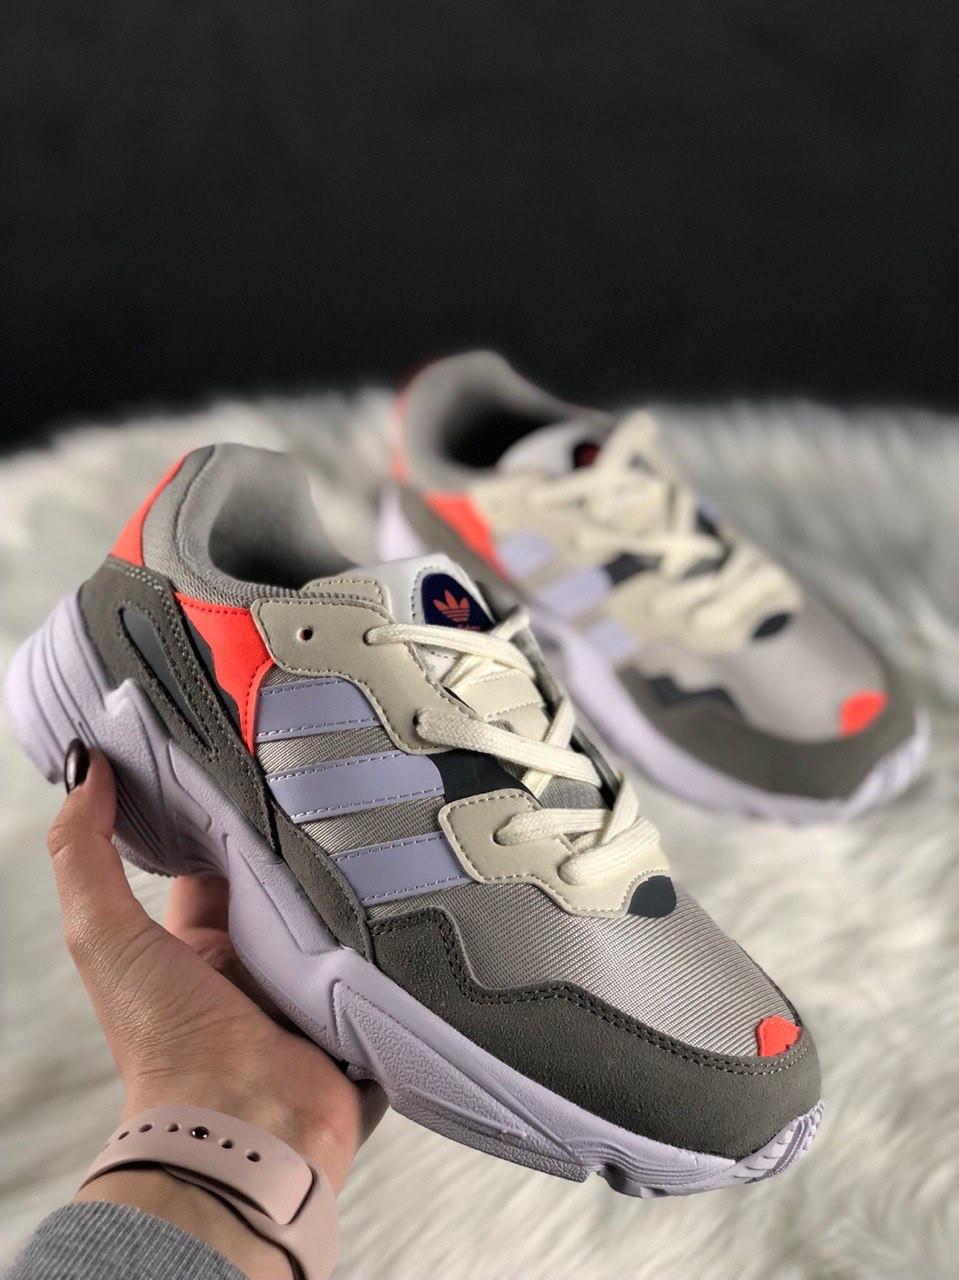 Женские кроссовки Adidas Yung-96, женские кроссовки адидас янг 96 (36,39,40 размеры в наличии)